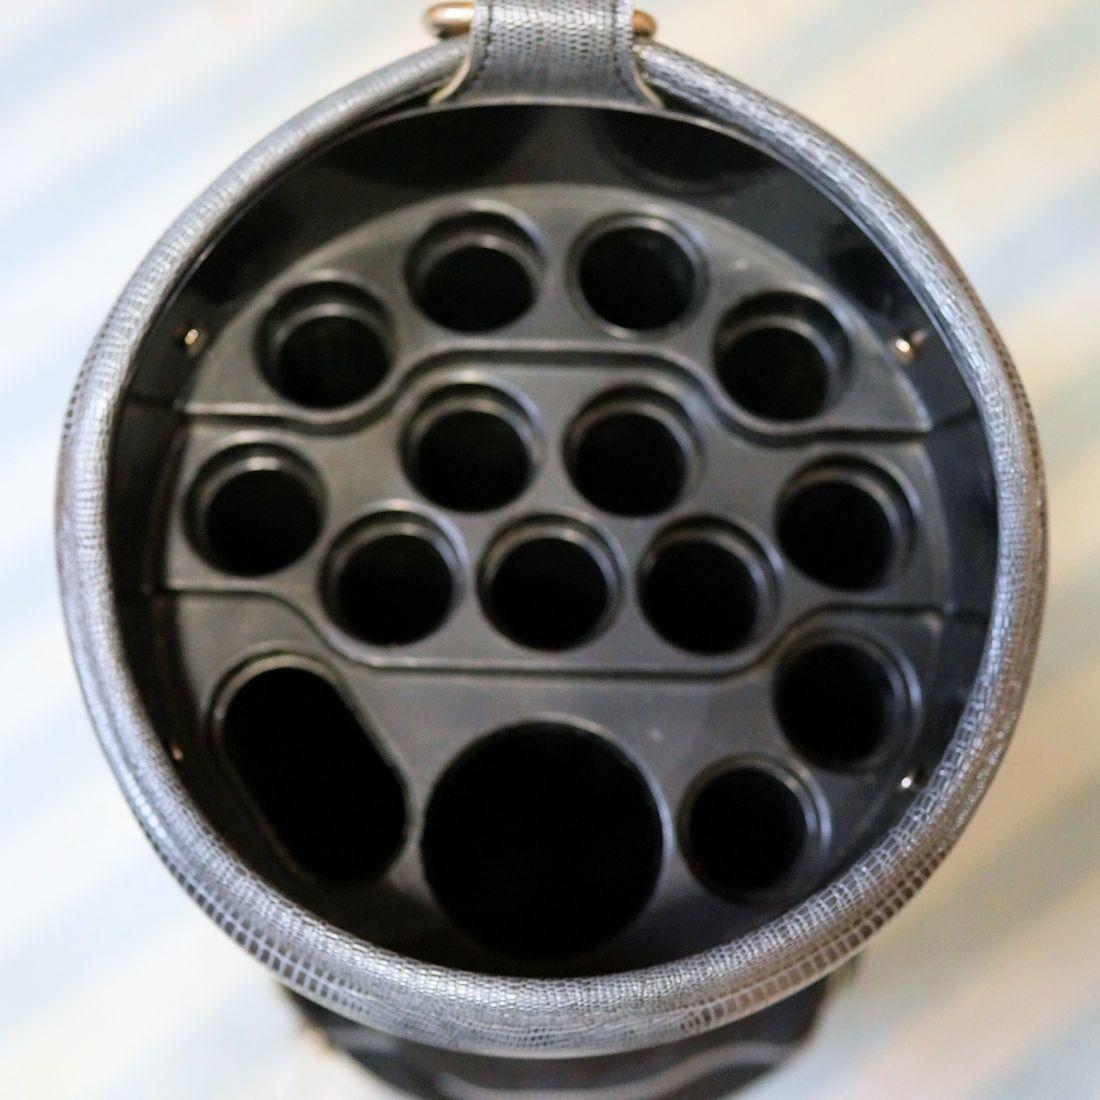 アーノルドパーマー・15分割・9.5インチ・キャディバッグ_画像6